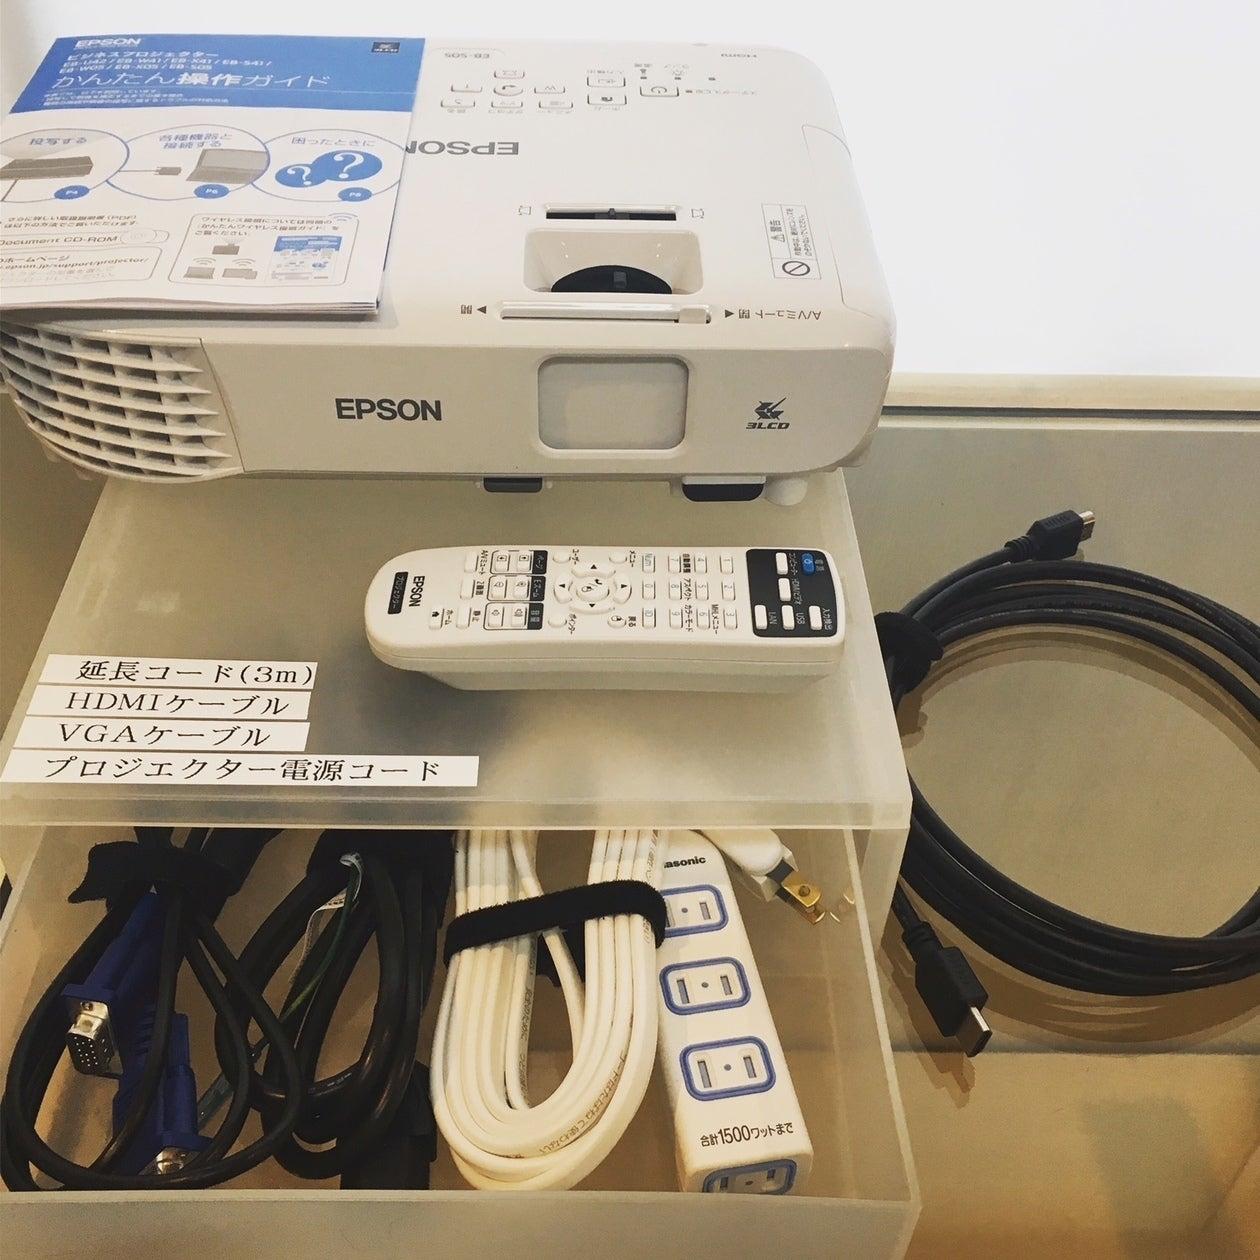 【品川駅徒歩5分】WiFi・プロジェクター完備!明るく、静かでアットホームなスペースです。 のサムネイル